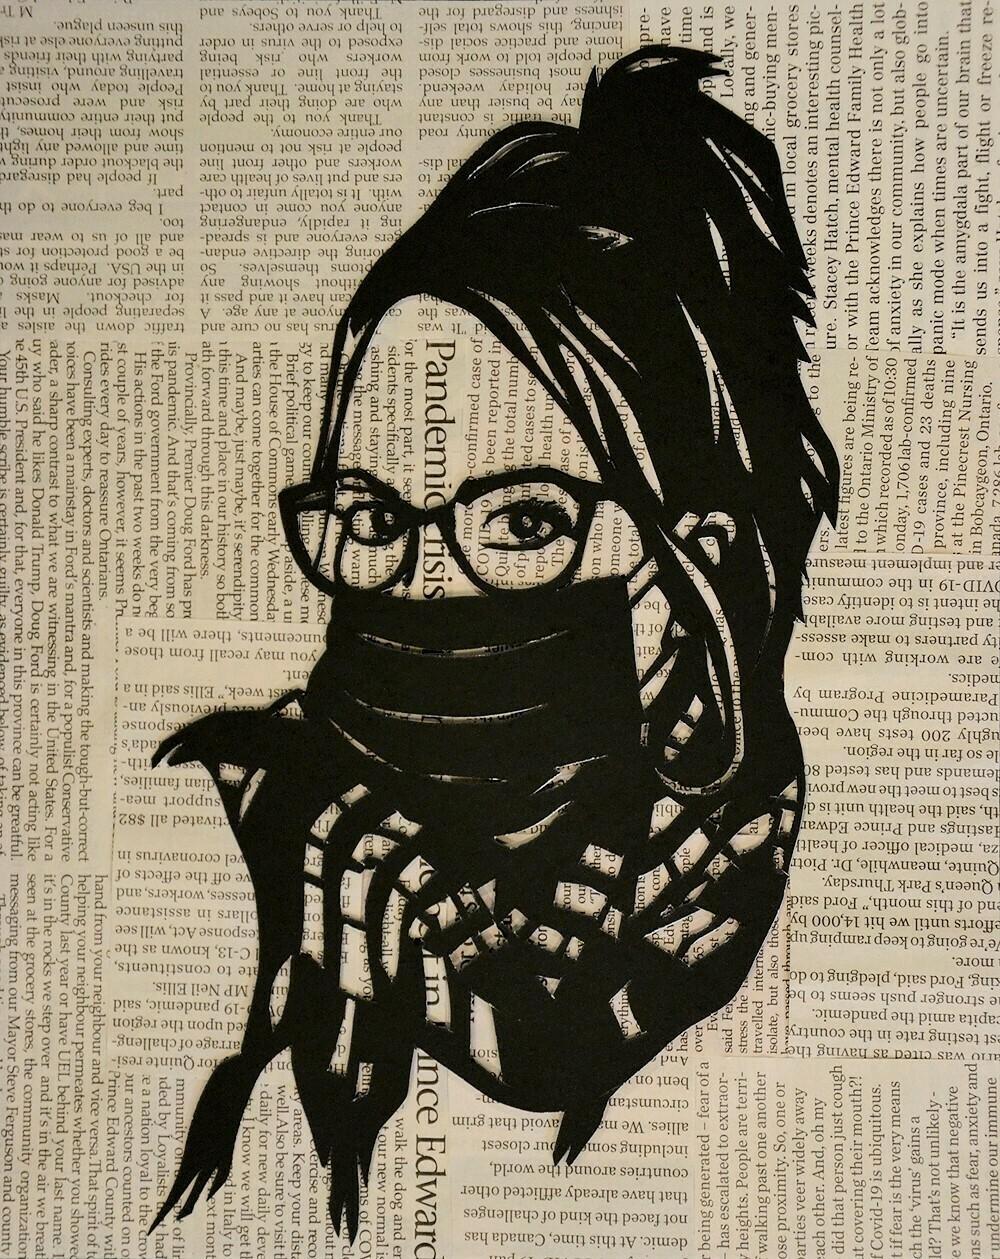 Papercut Self-Portrait in a Pandemic